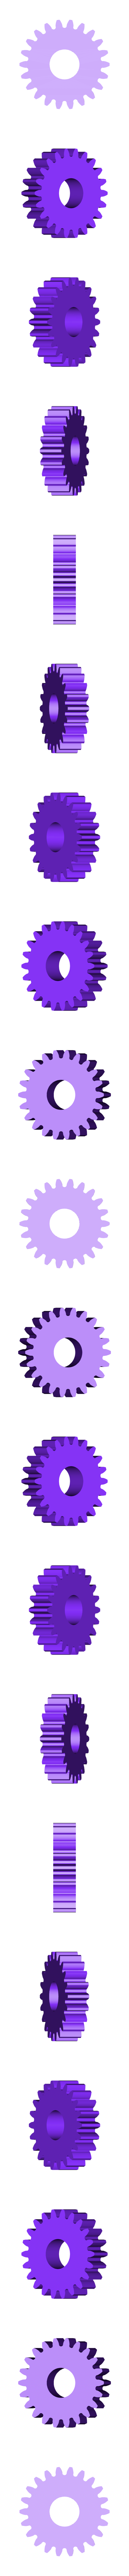 Gear_Idler_22_Teeth.stl Télécharger fichier STL gratuit Cheval, Prototype • Design pour imprimante 3D, gzumwalt